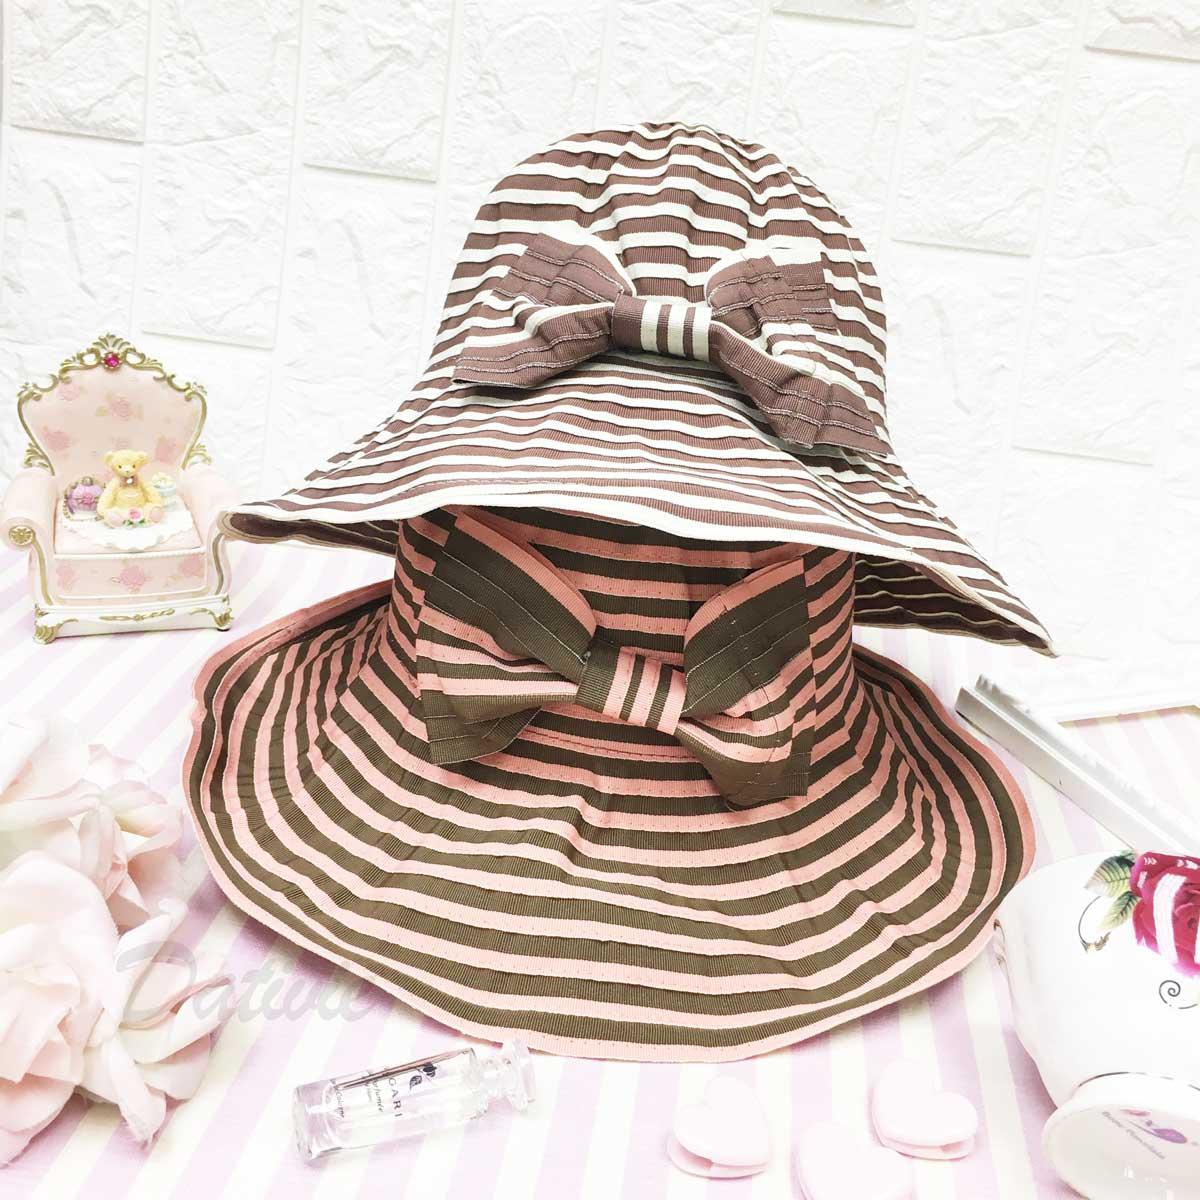 鮮豔繽紛 巧克力色 條紋 蝴蝶結 鐵邊可彎曲造型 頭圍可調鬆緊 帽子 遮陽帽 淑女帽